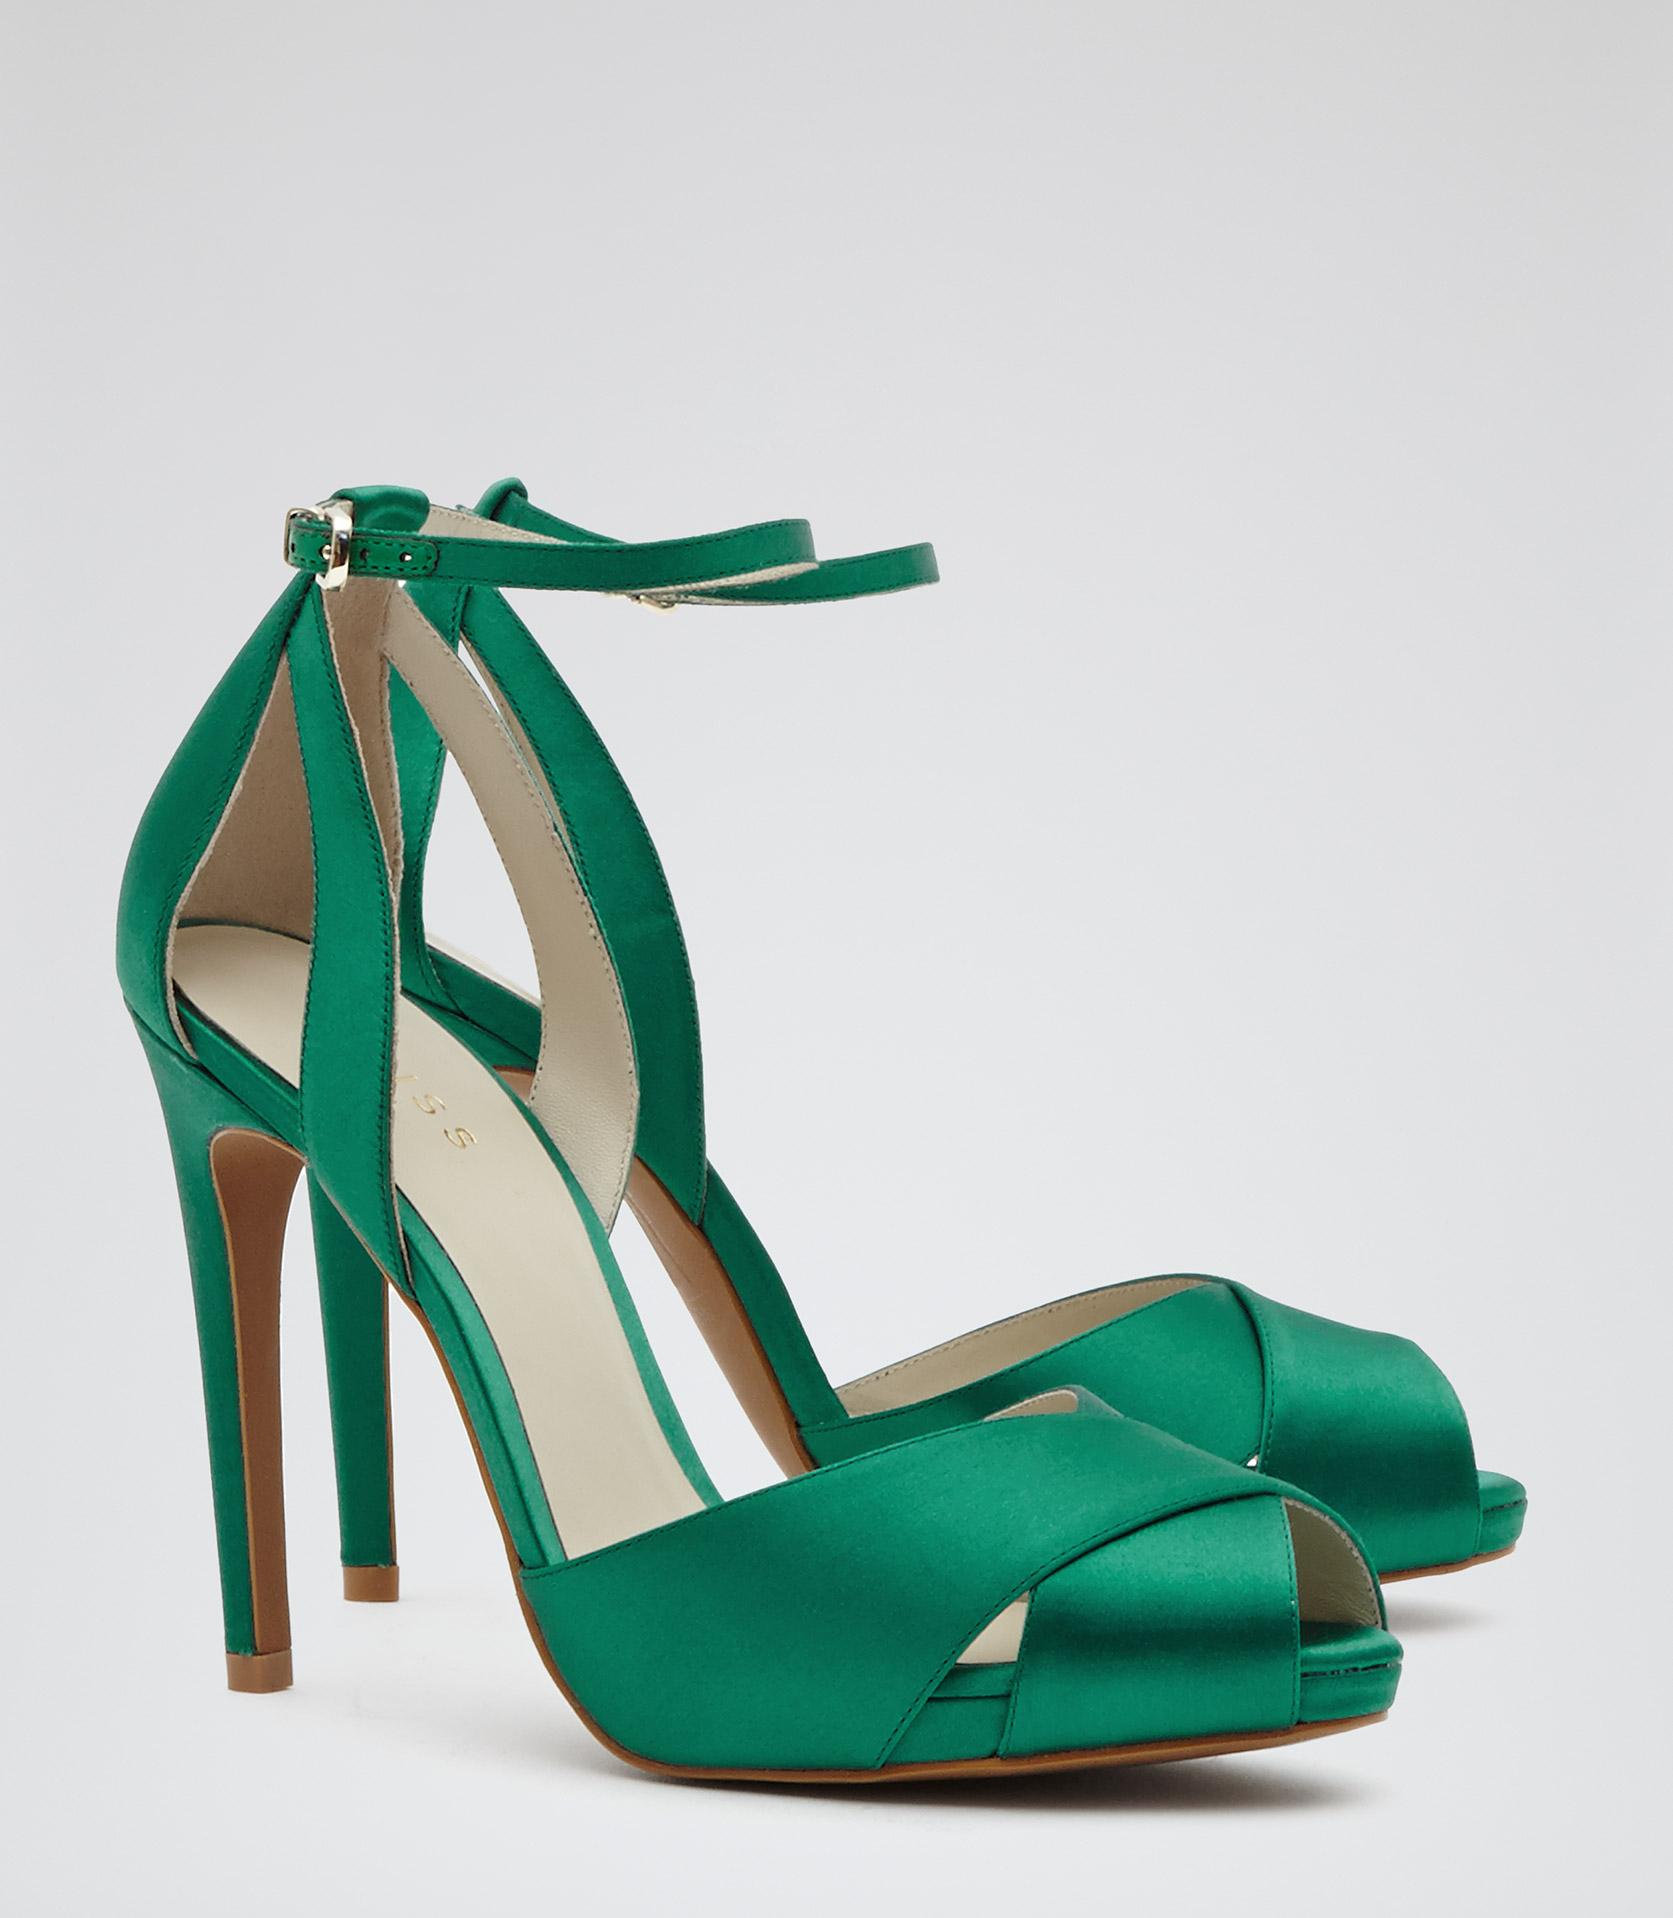 Green Strappy Sandals Heels - Is Heel